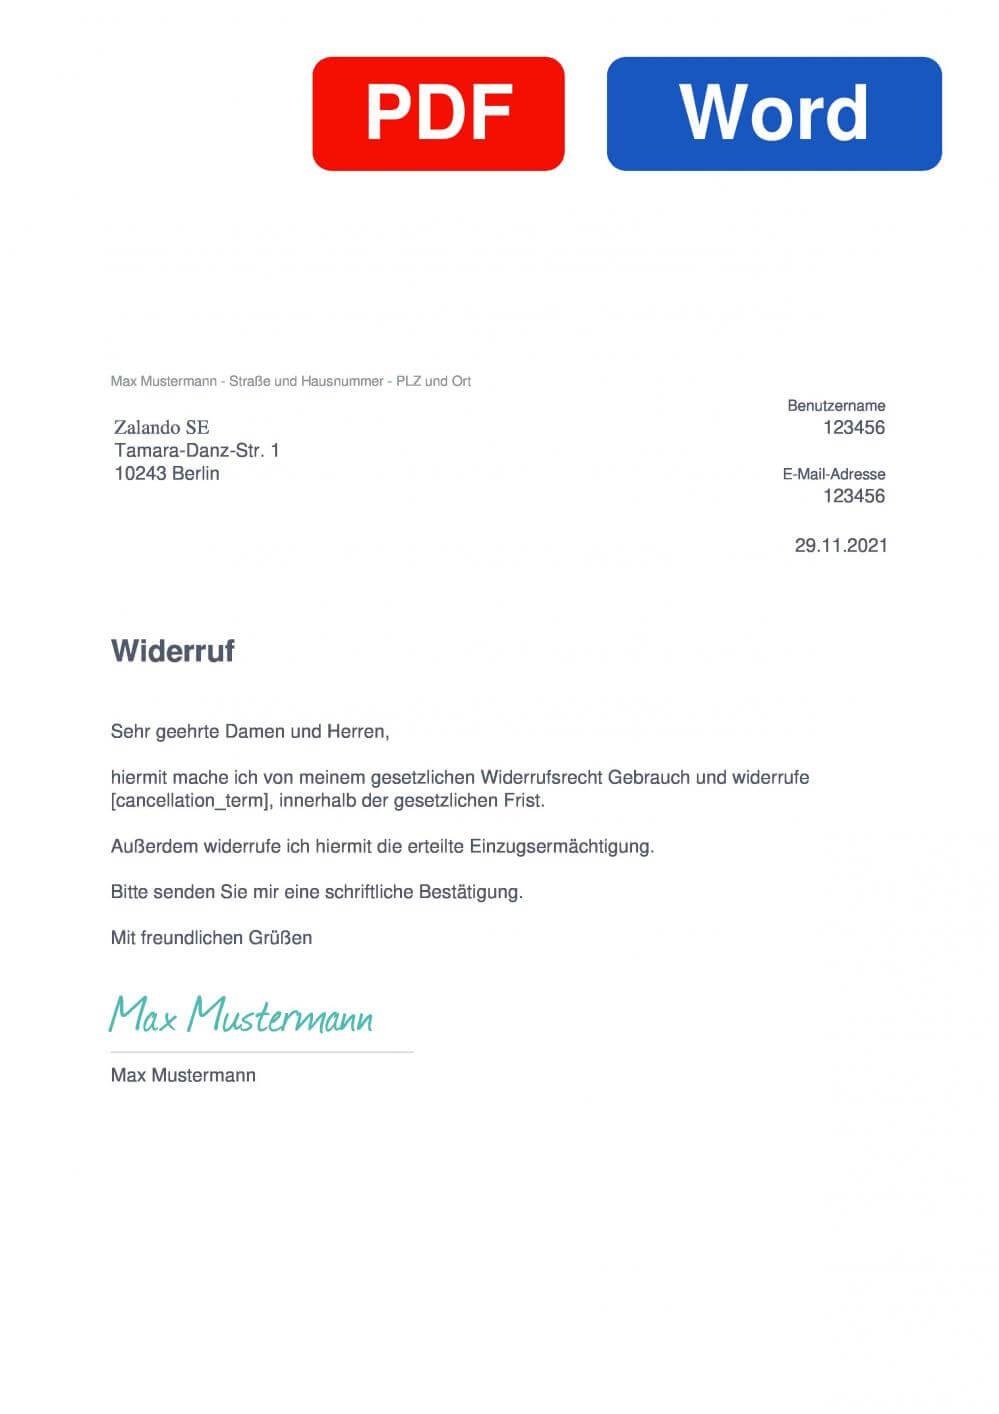 Zalando Muster Vorlage für Wiederrufsschreiben